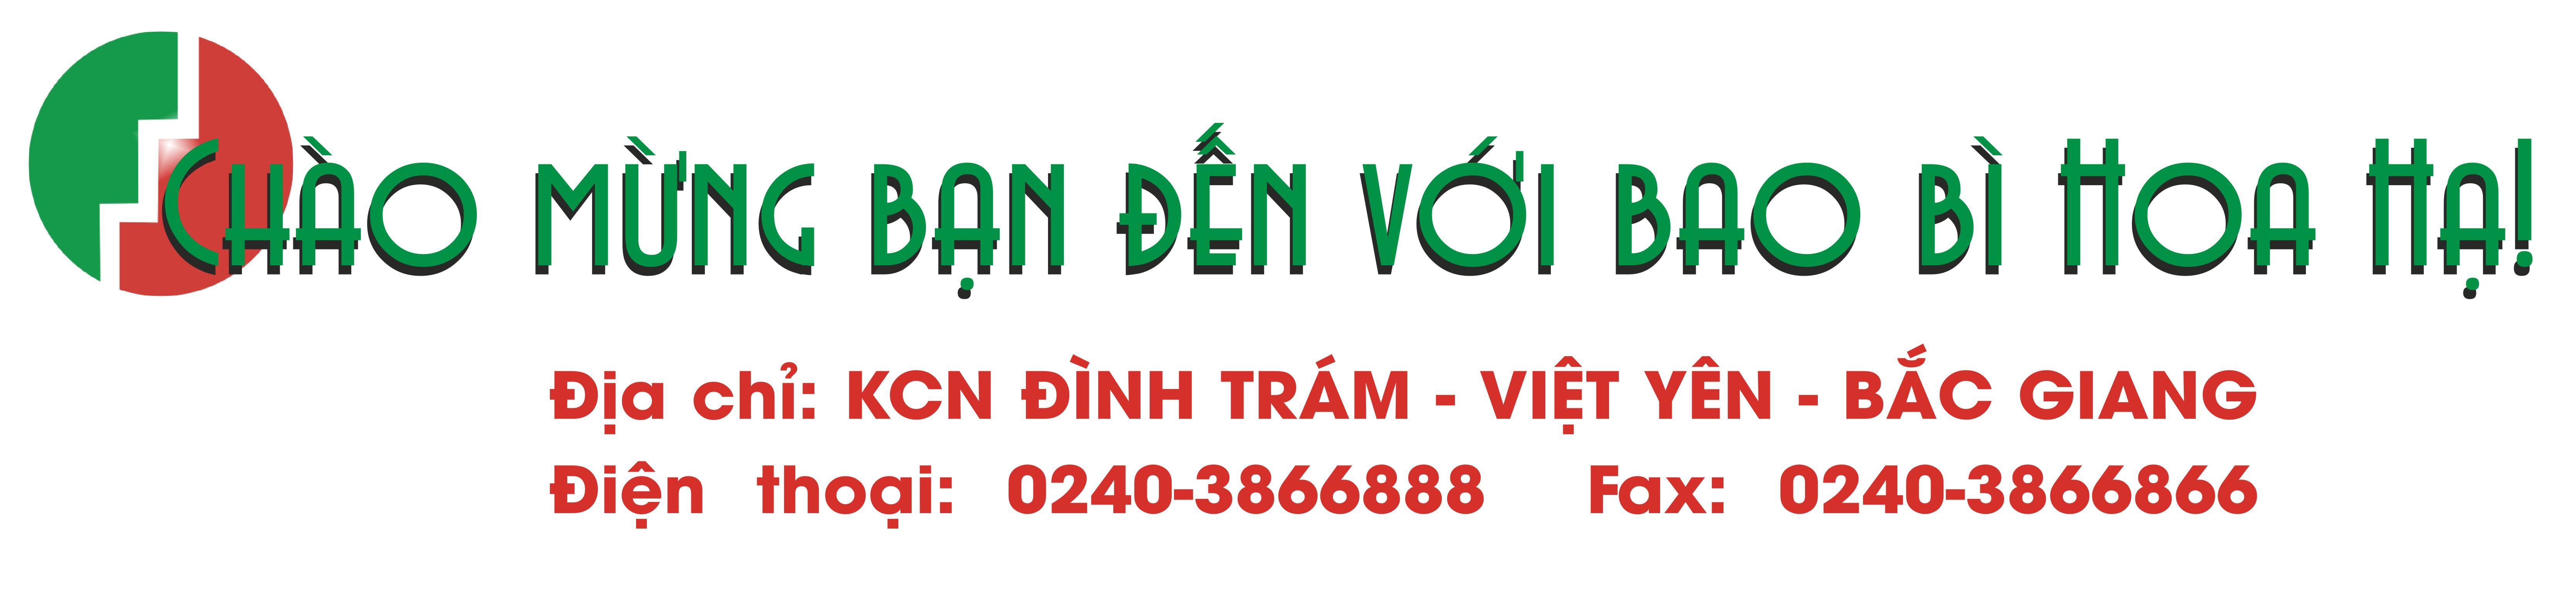 http://www.vietnamhoaha.com.vn